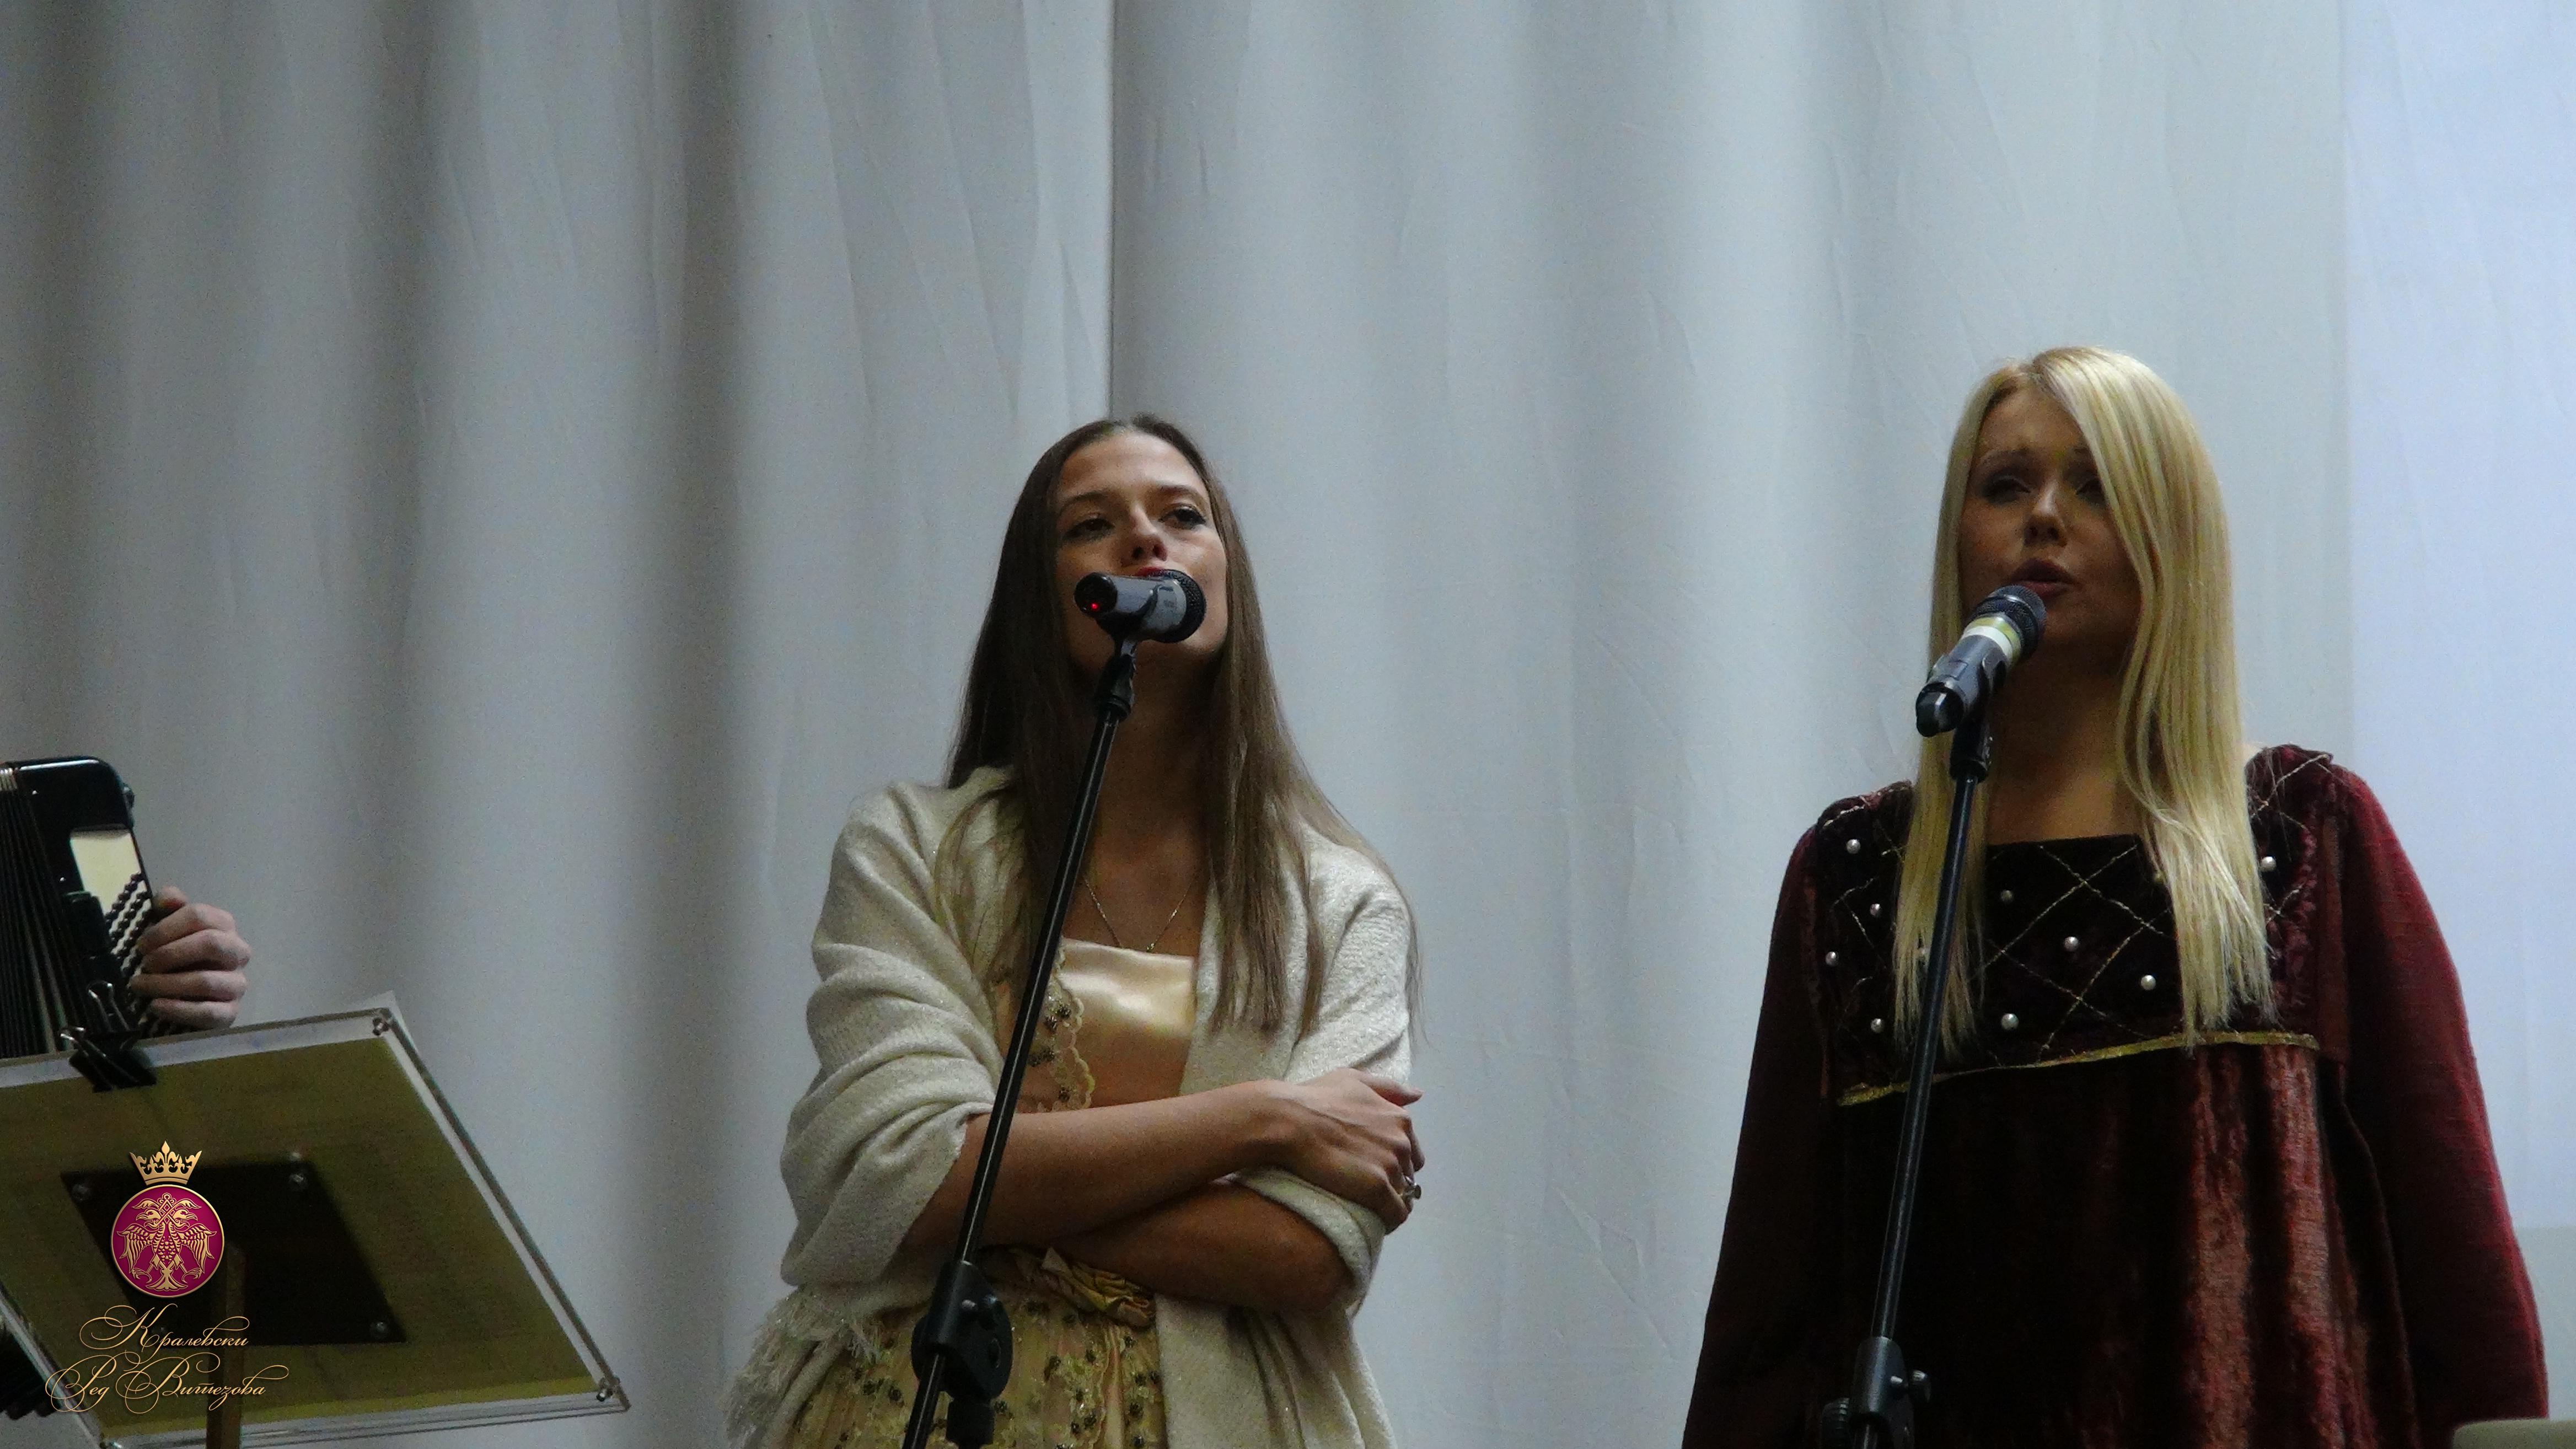 Анастасия Мрдженович и Таня Андрийич (фото: Королевский Орден Витязей)